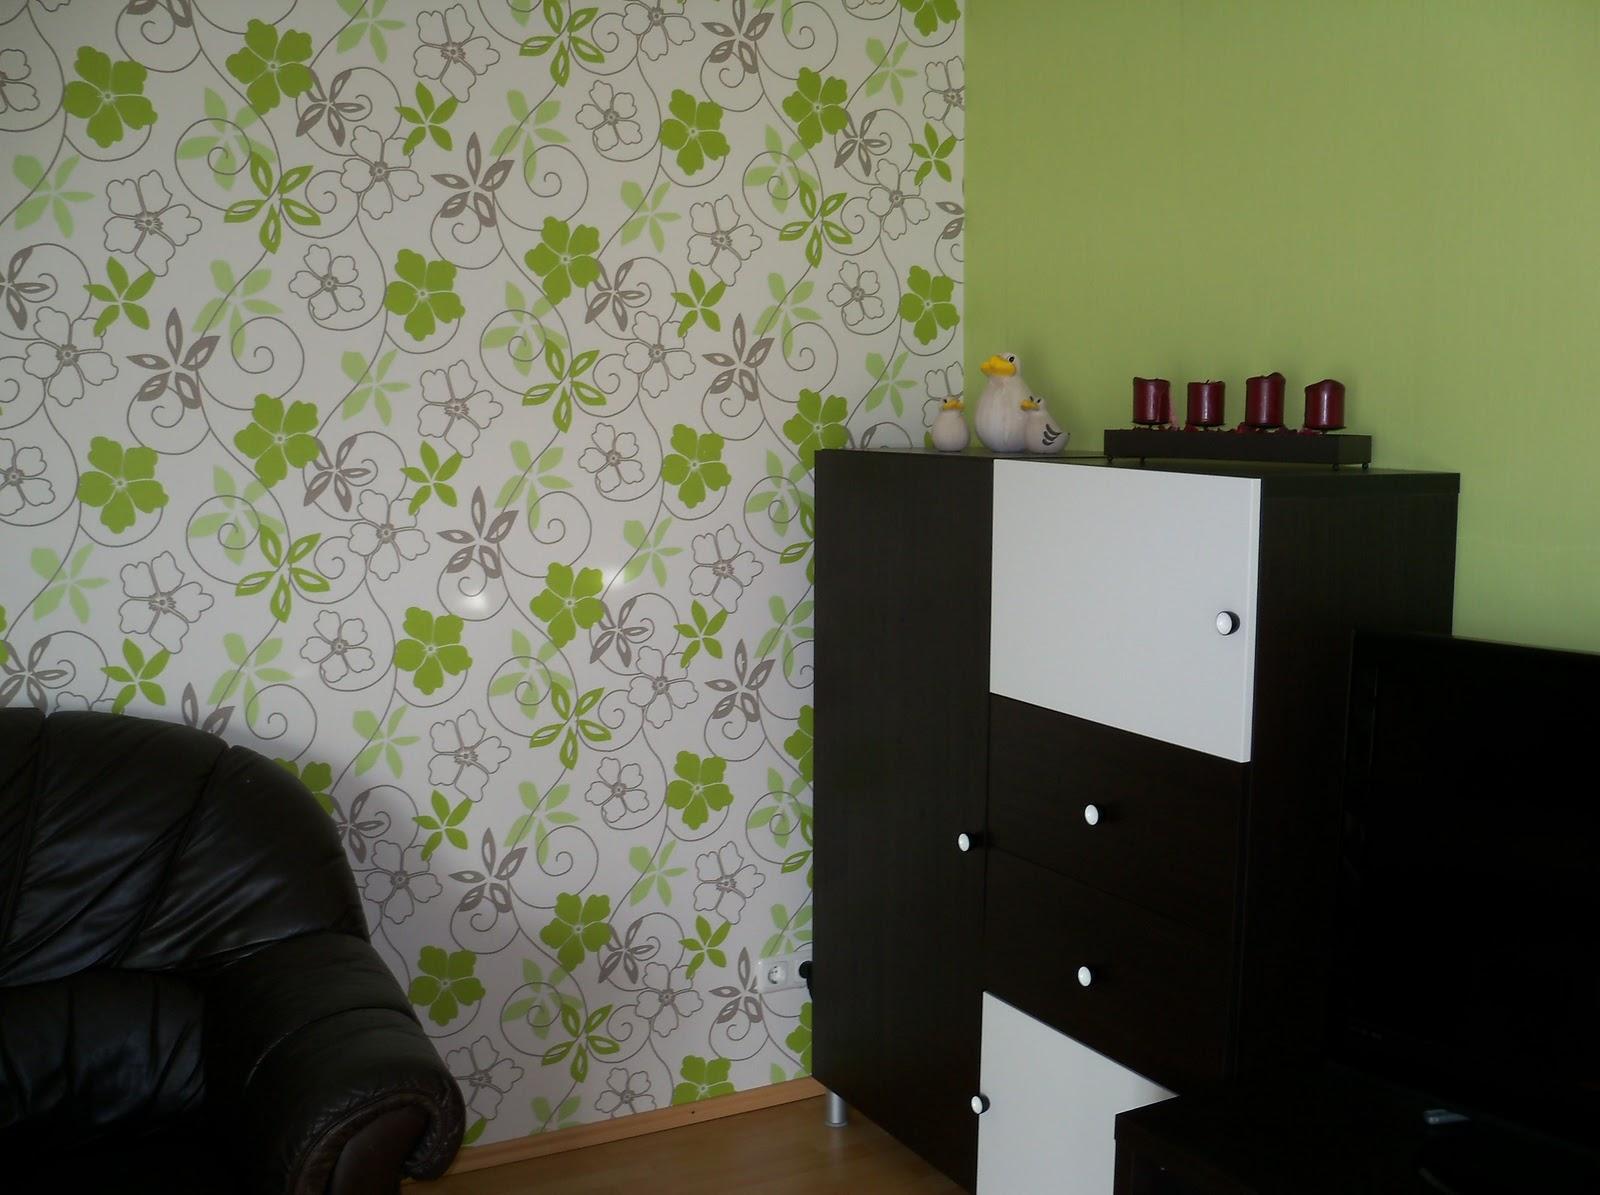 willkommen in meinem bunten leben mein neues wohnzimmer mehr. Black Bedroom Furniture Sets. Home Design Ideas